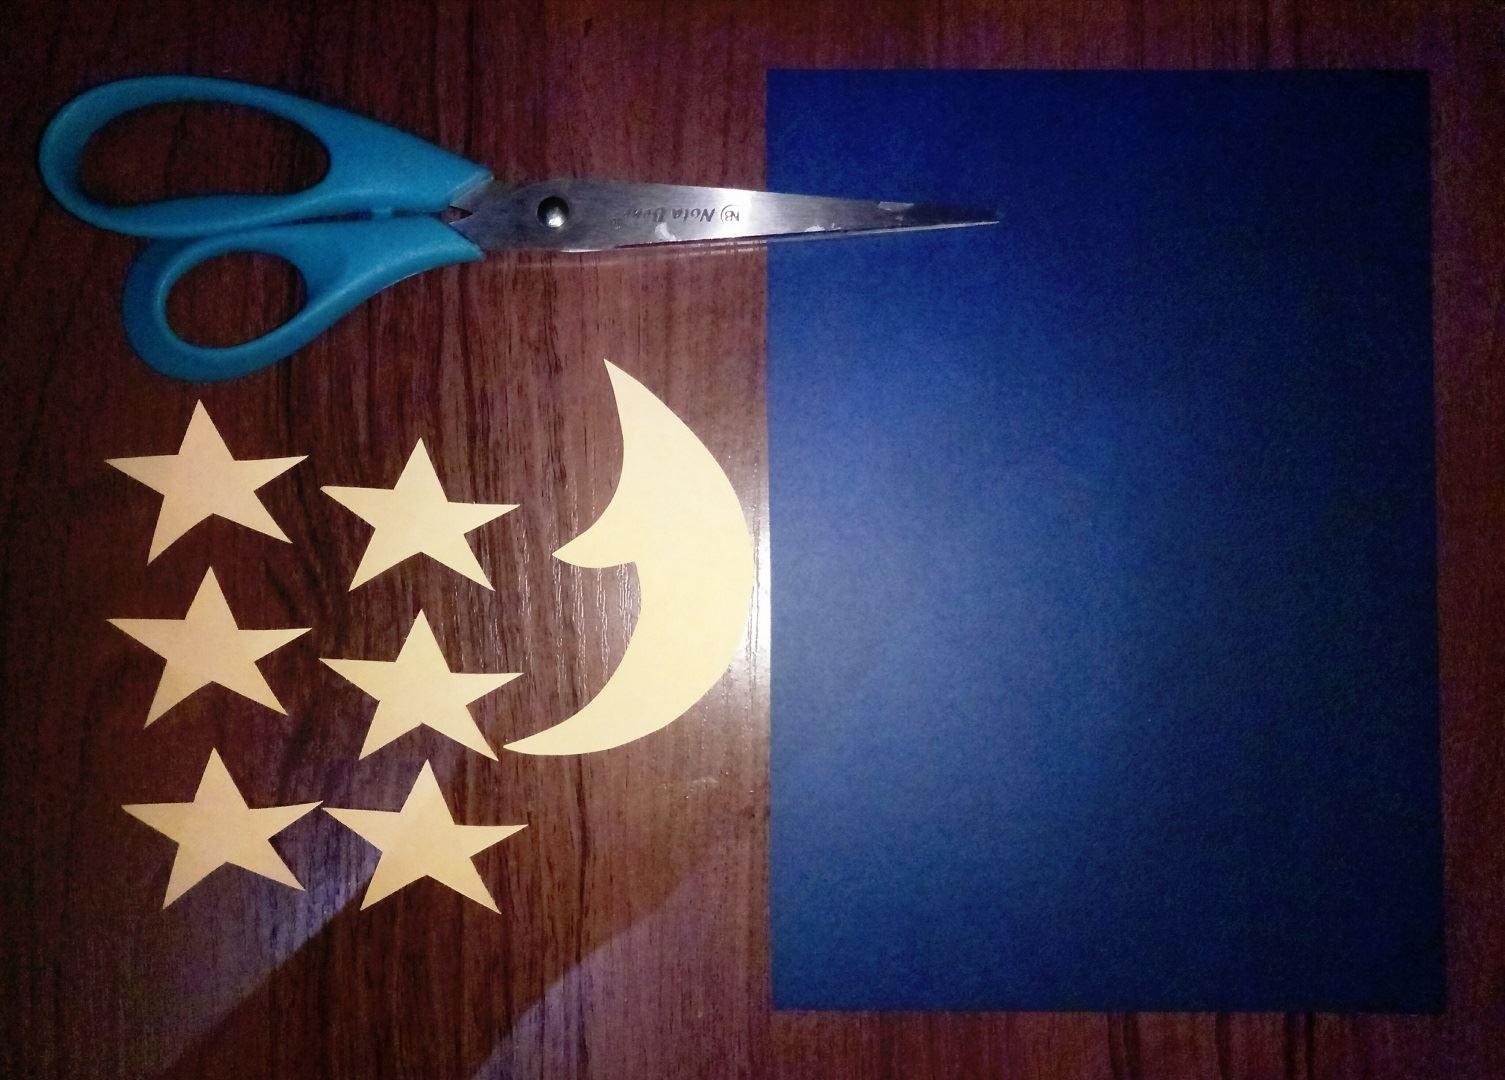 Для начала возьмем лист синей бумаги, он послужит нам фоном. Затем вырезаем звёздочки и полумесяц из желтой бумаги